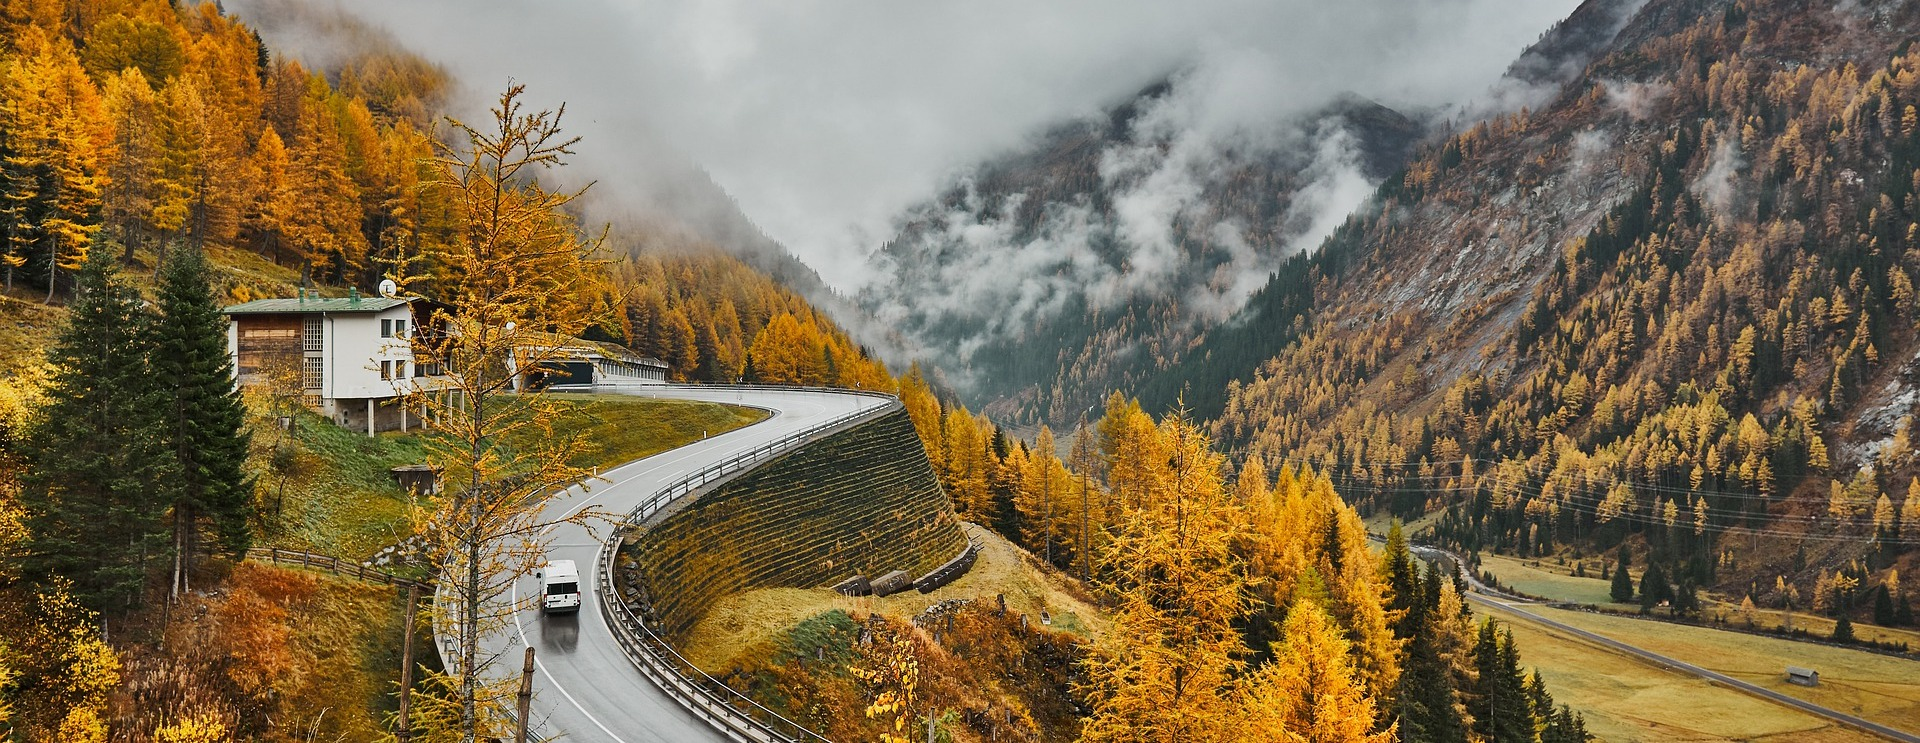 Самый длинный российский участок трассы «Меридиан» пройдет через Саратовскую область